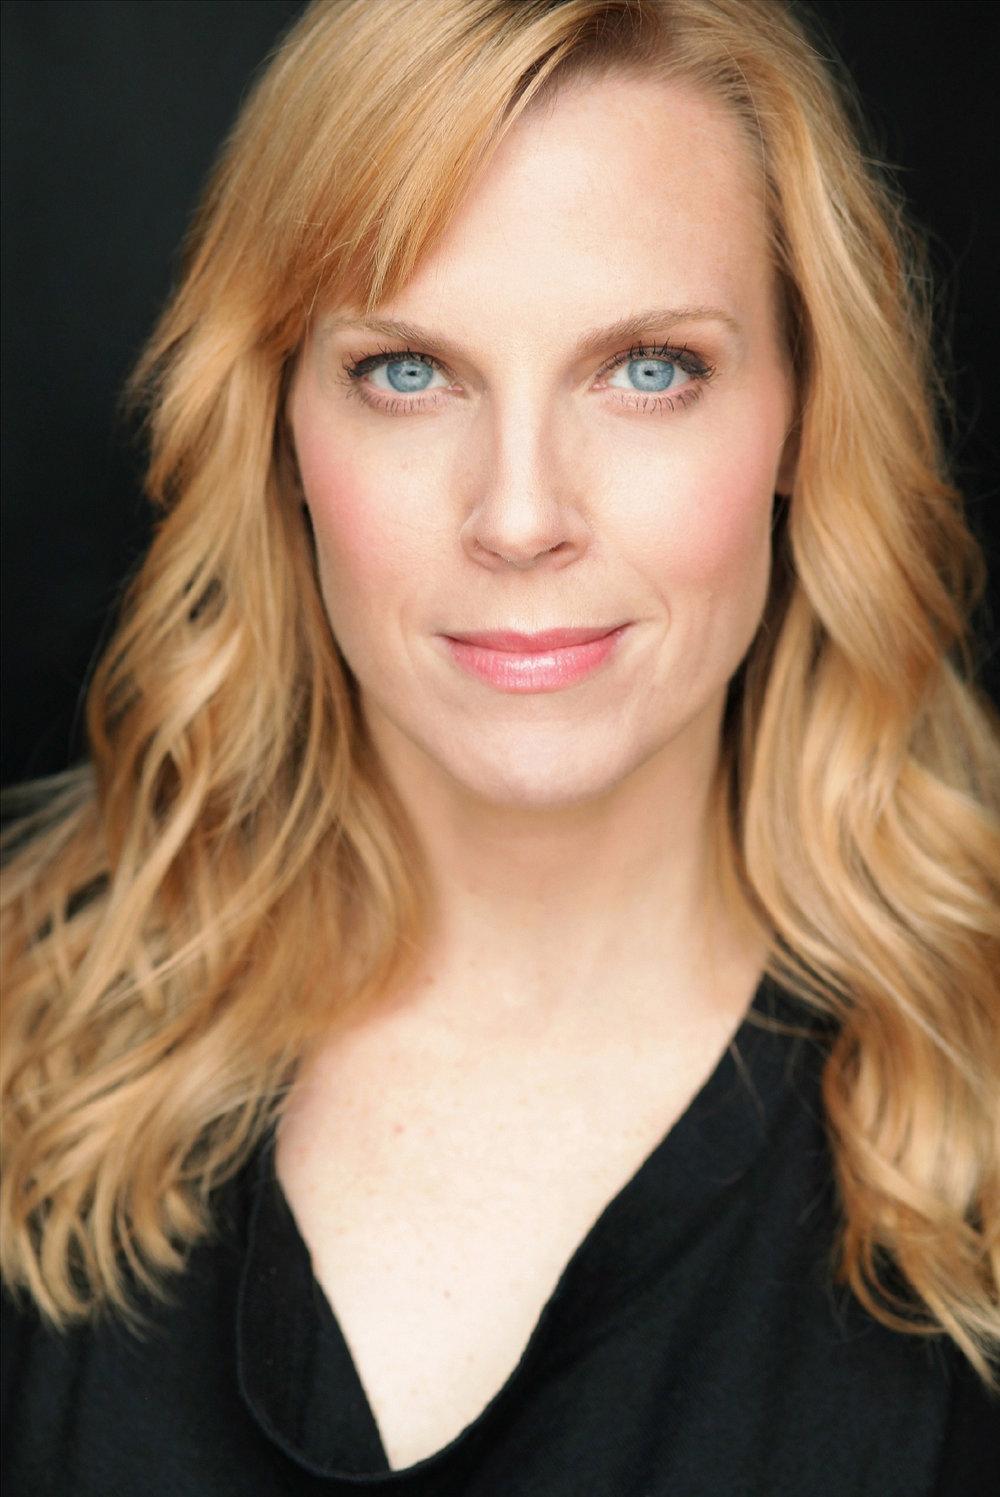 Heather Townsend